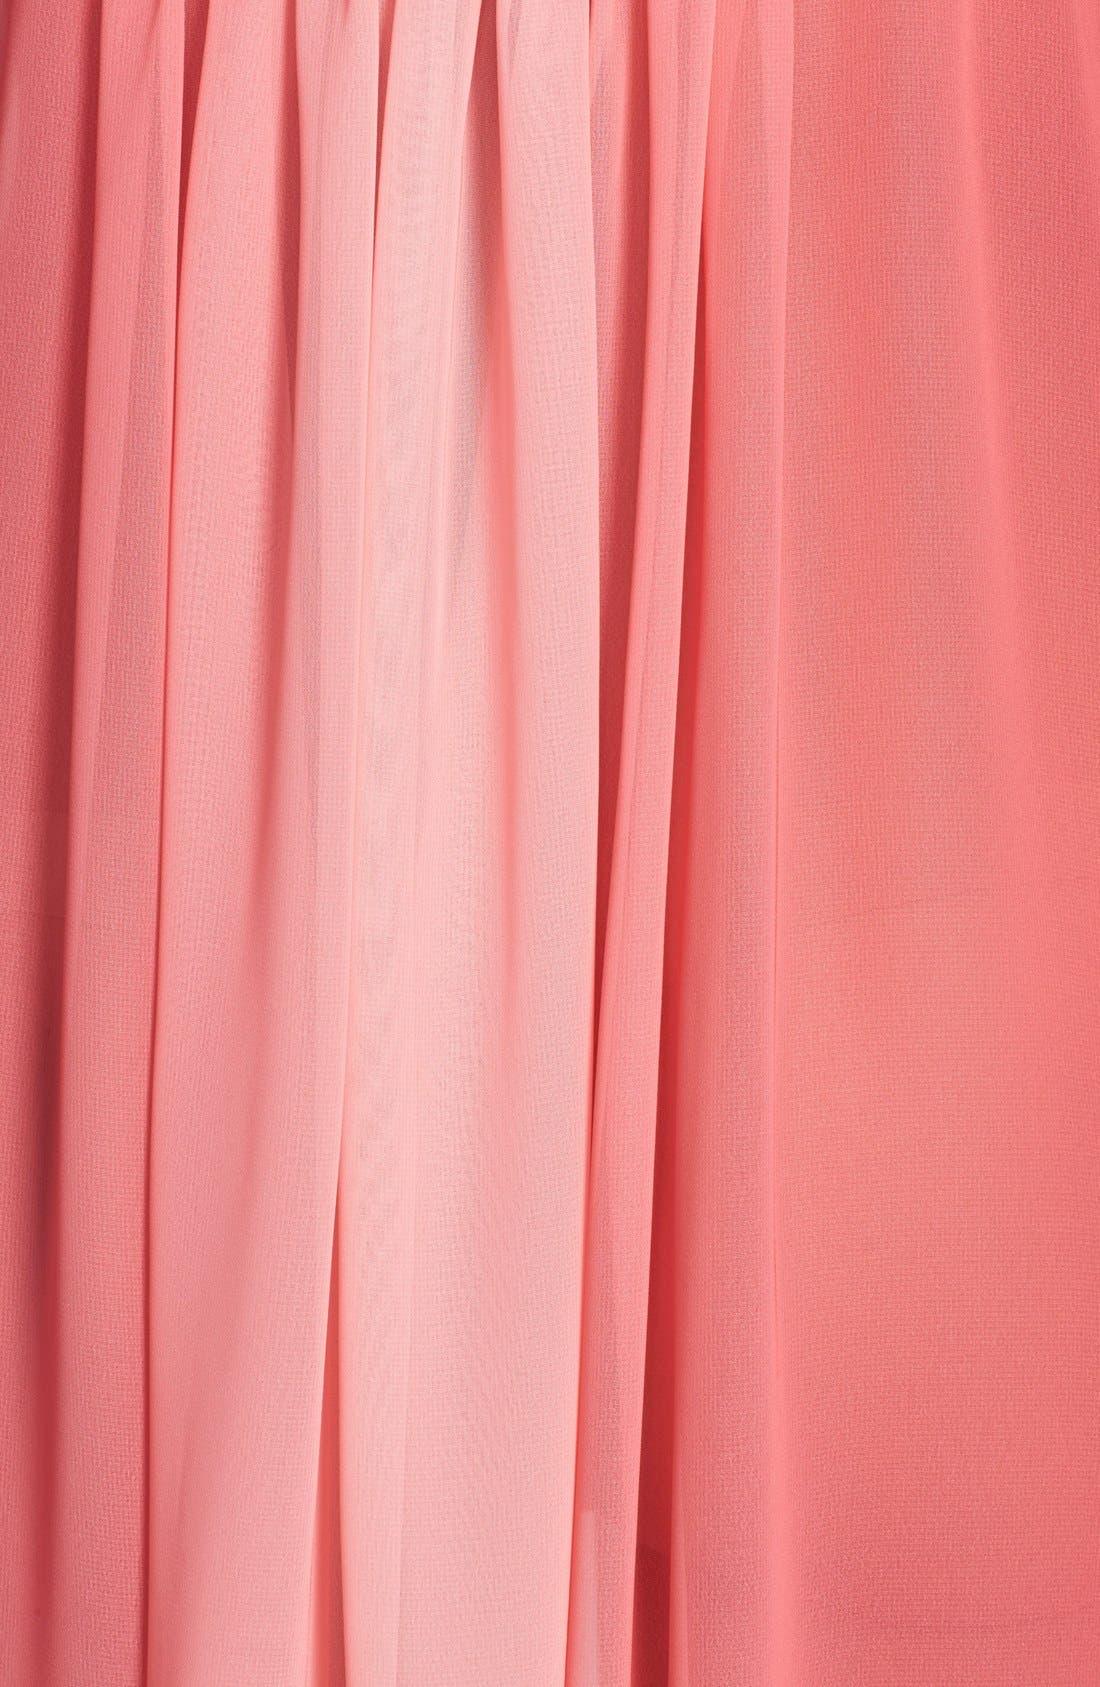 Alternate Image 3  - Oscar de la Renta Sleepwear 'Tranquil Sky' Nightgown